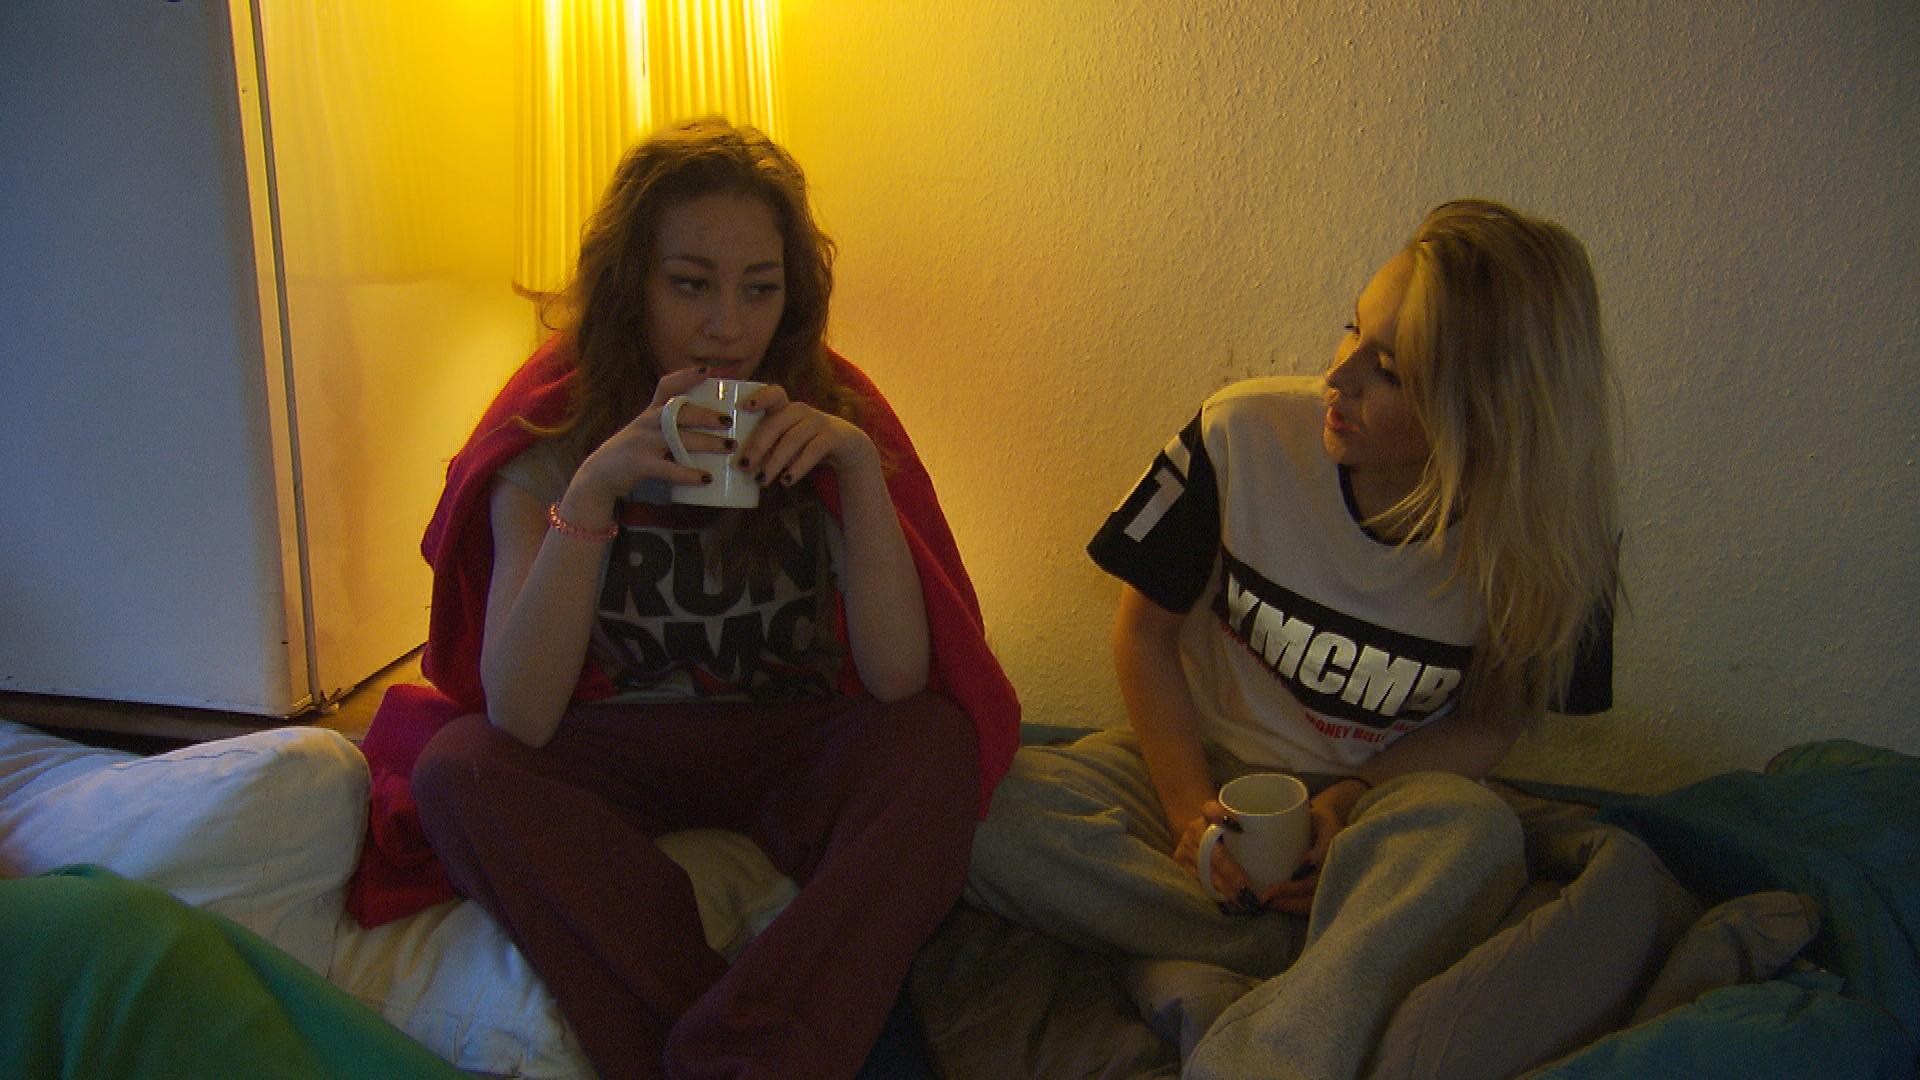 Elli ist nach der Partyknutscherei mit Lina verunsichert. Hat Lina der Kuss womöglich mehr bedeutet, als sie zugibt? (Quelle: RTL 2)